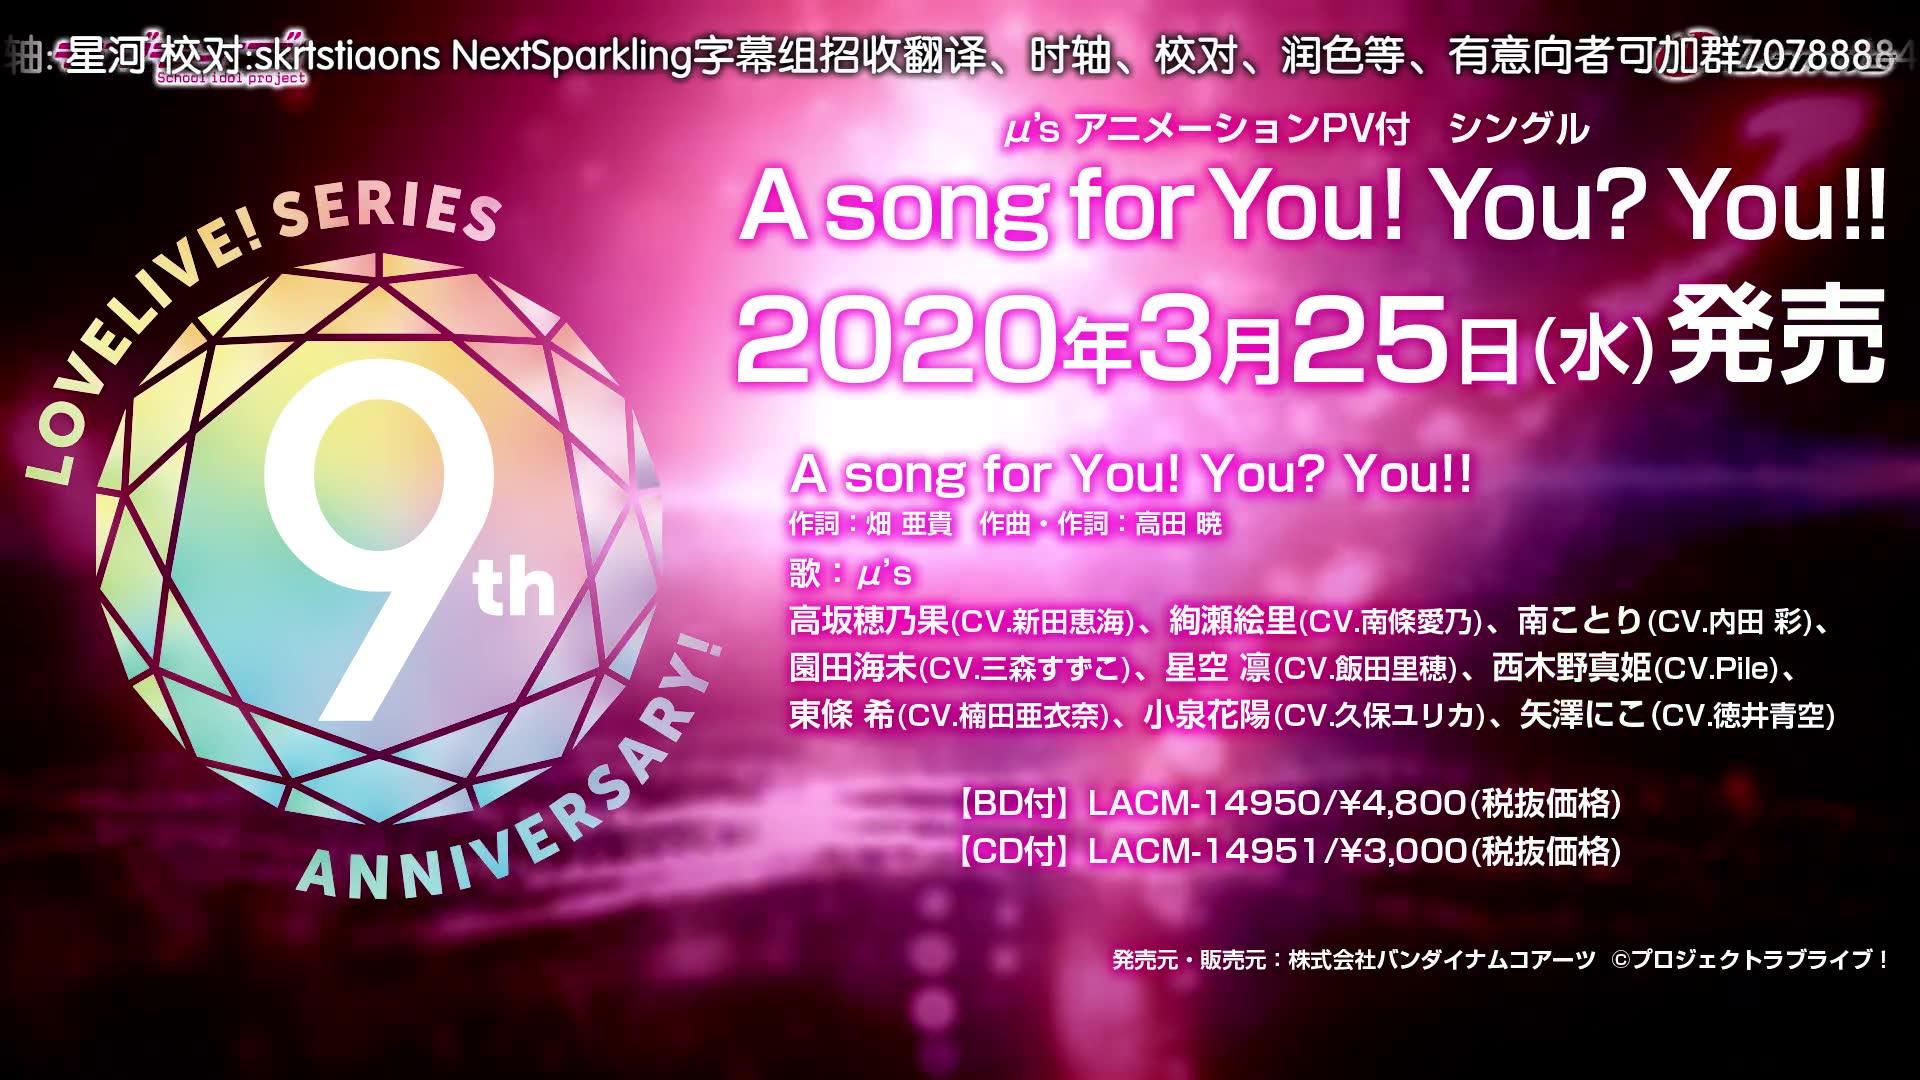 Lovelive 宣布启动新企划 偶像组合m S发布新单曲 Animex动漫社